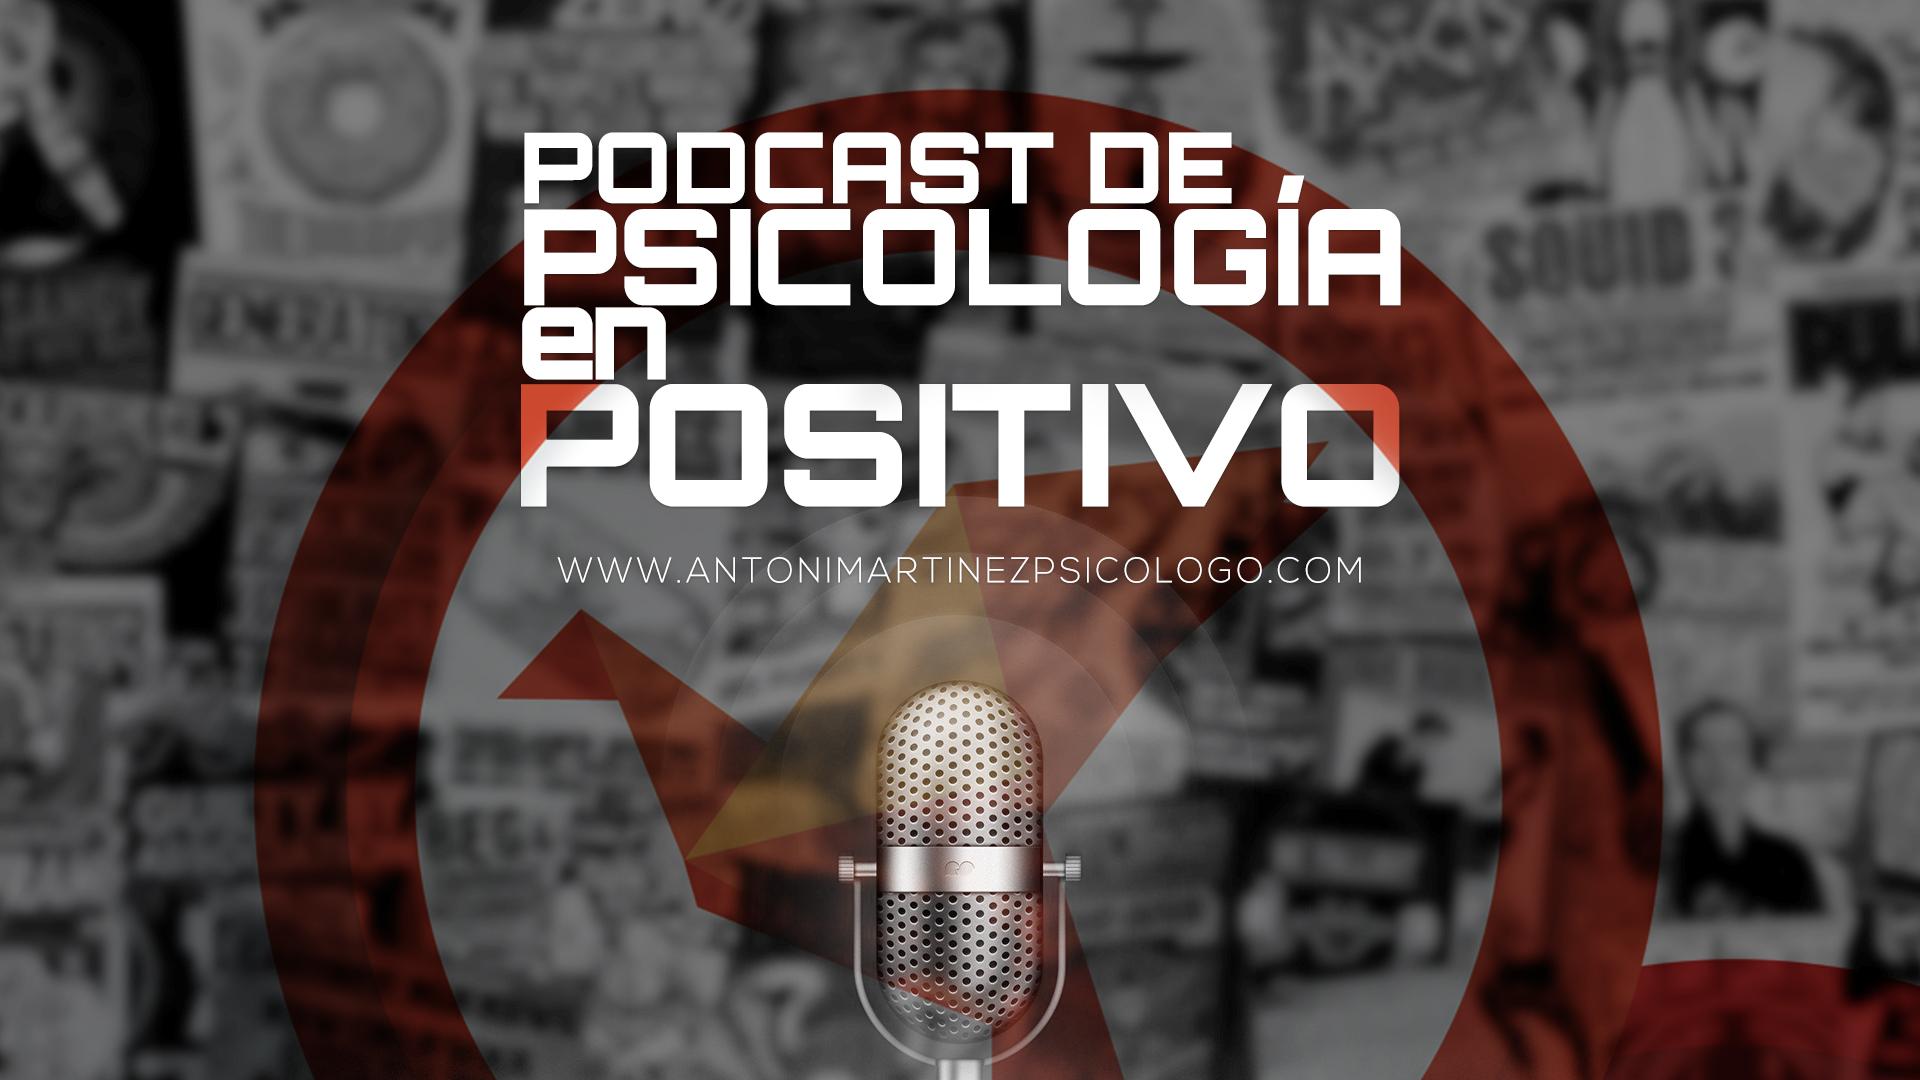 podcast de psicologia